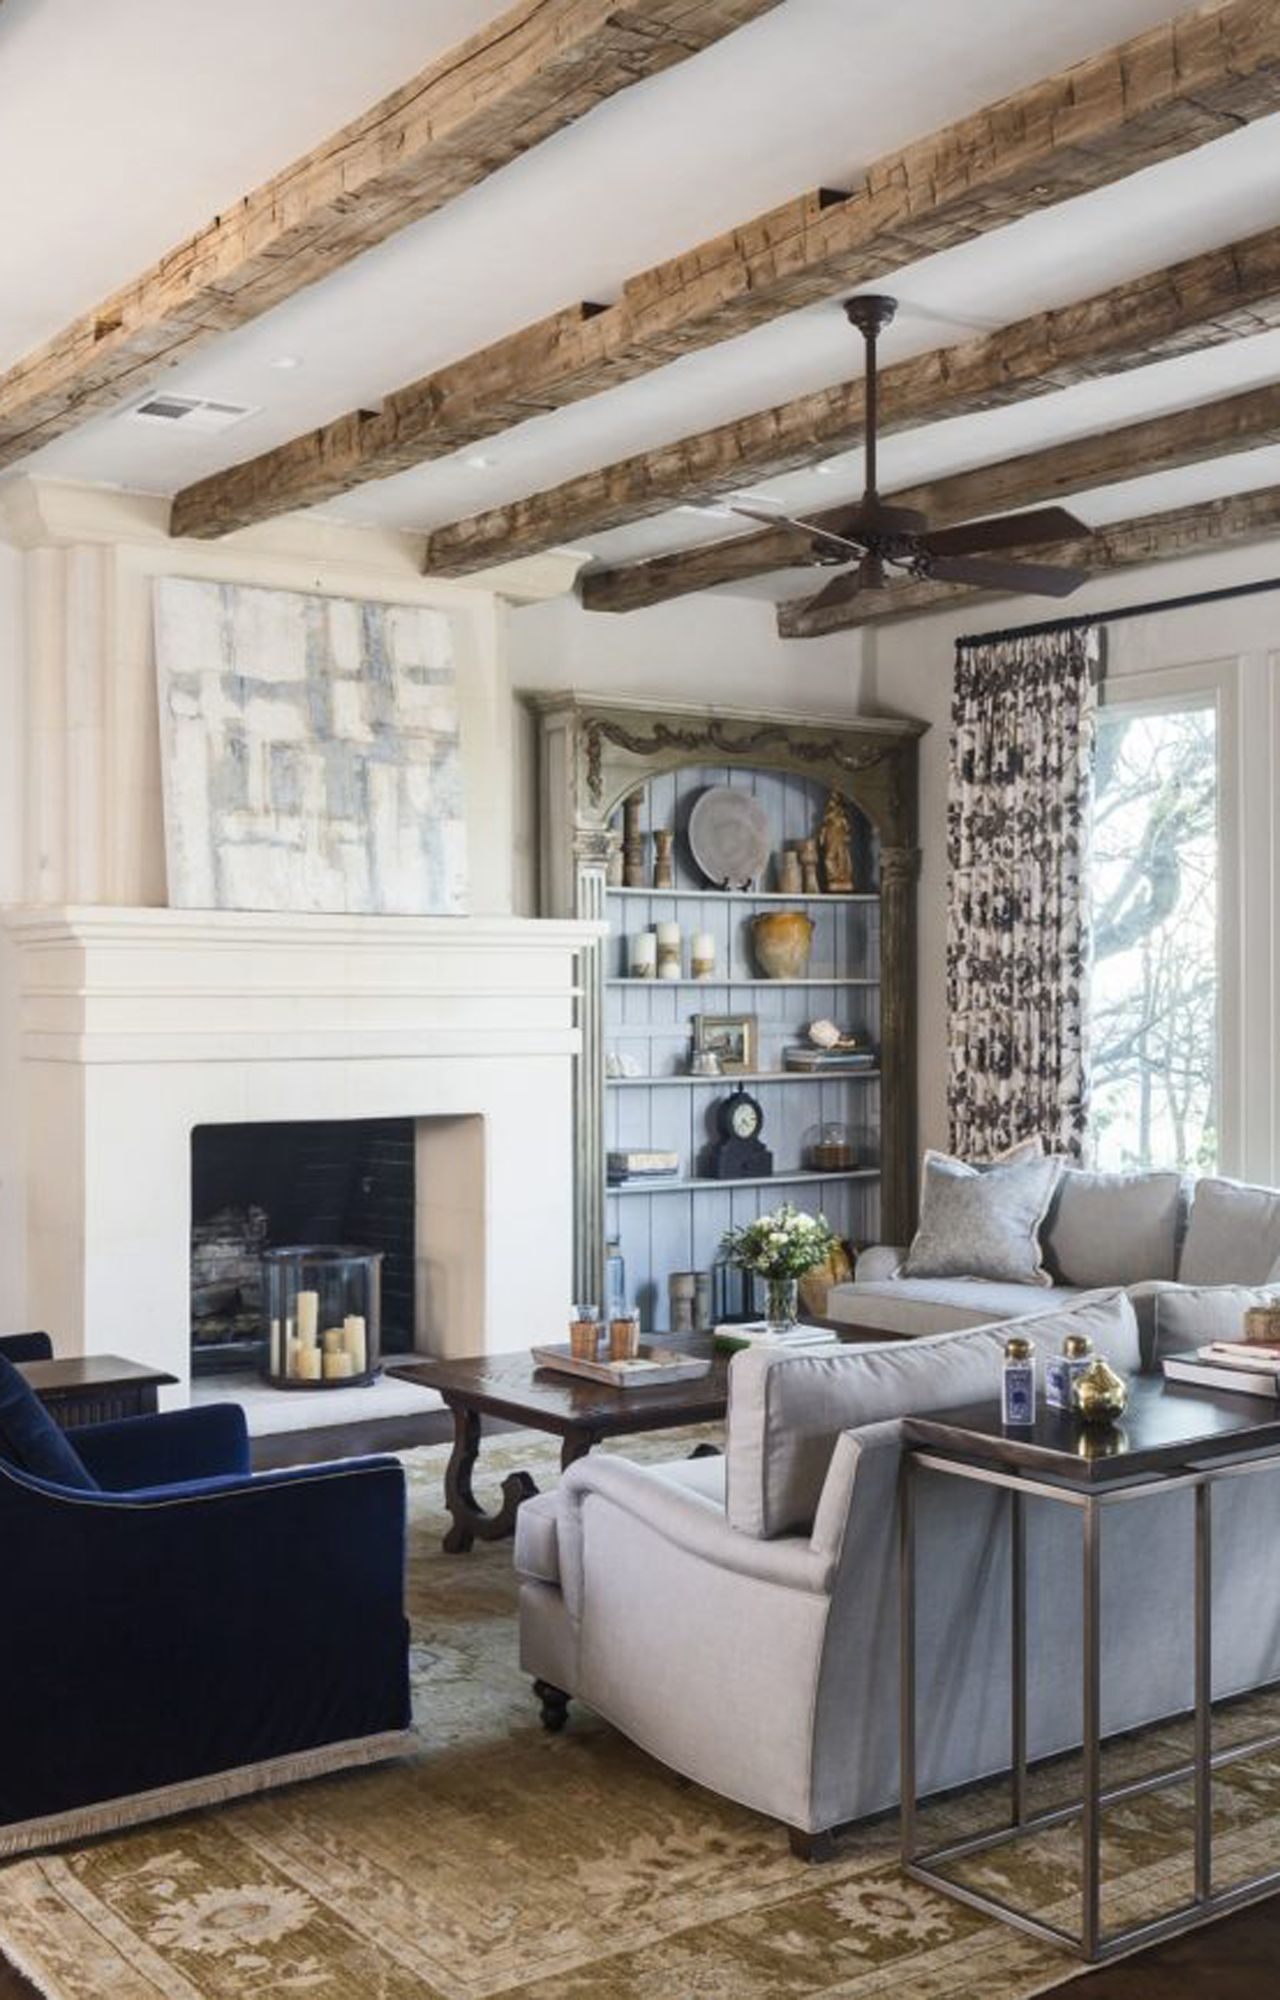 Reclaimed Wood Beams Elmwood, Wood Beams In Living Room Ceiling